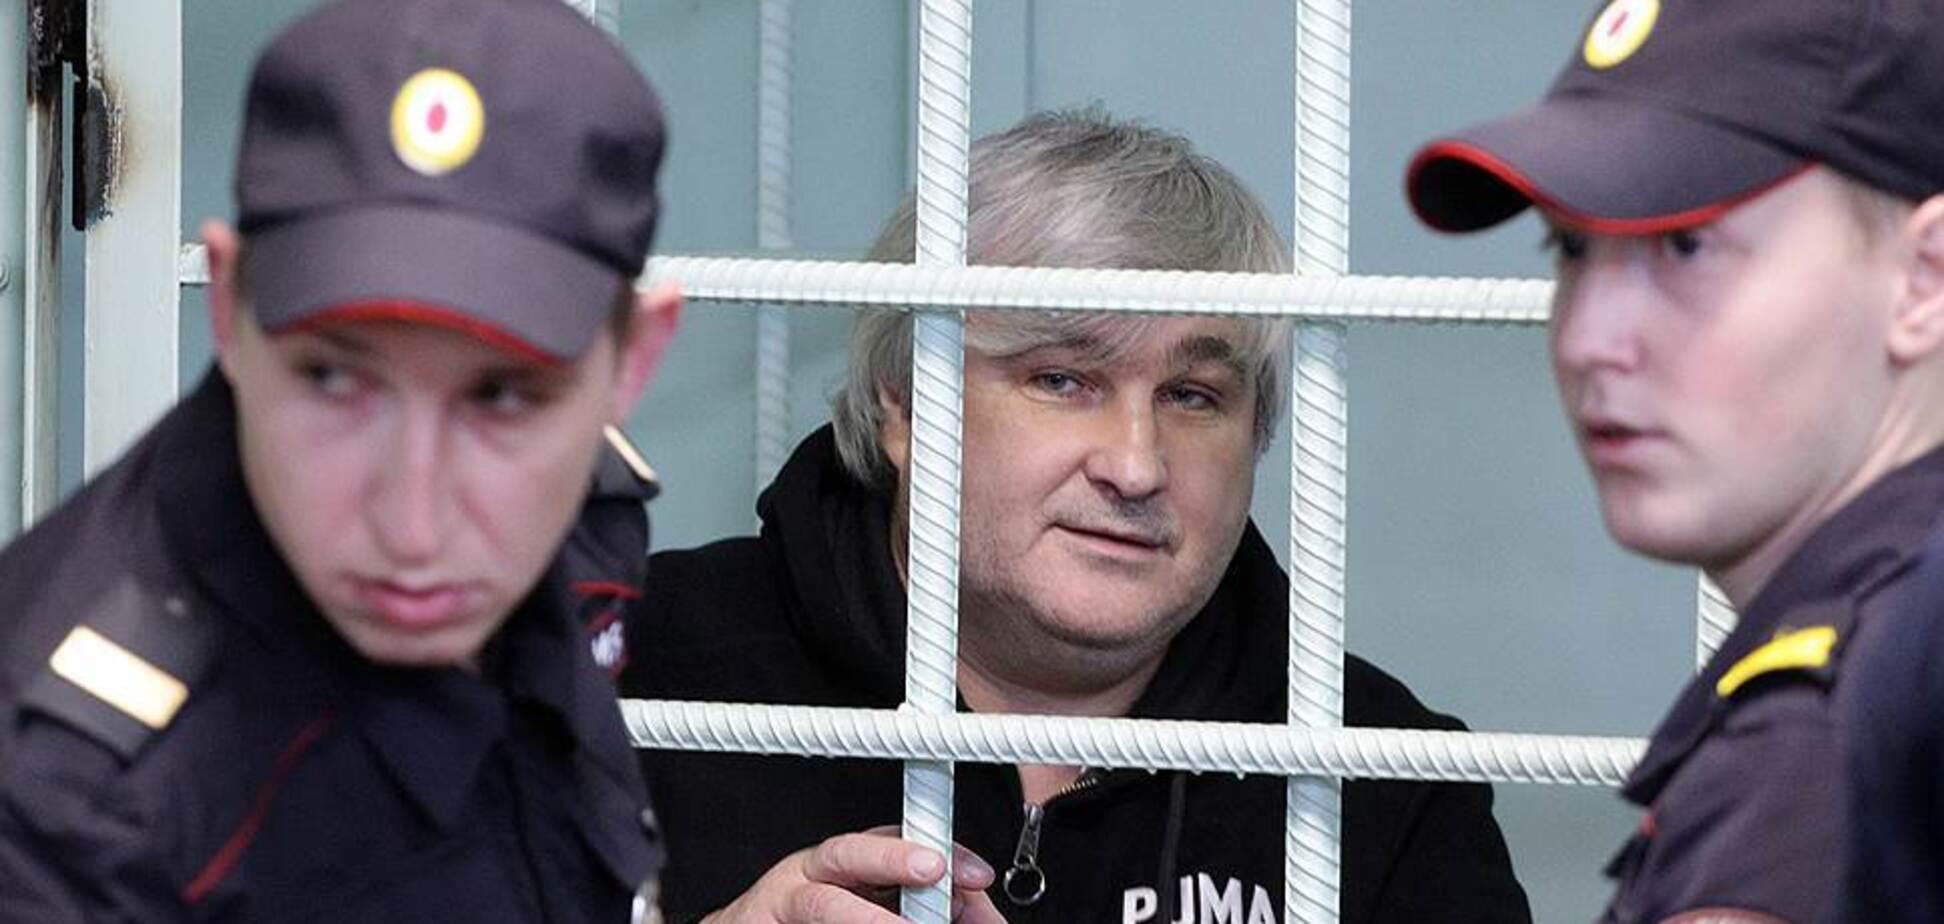 Включений США до ''Братського кола'': в Росії знайдено мертвим одного з найкрутіших ''авторитетів''